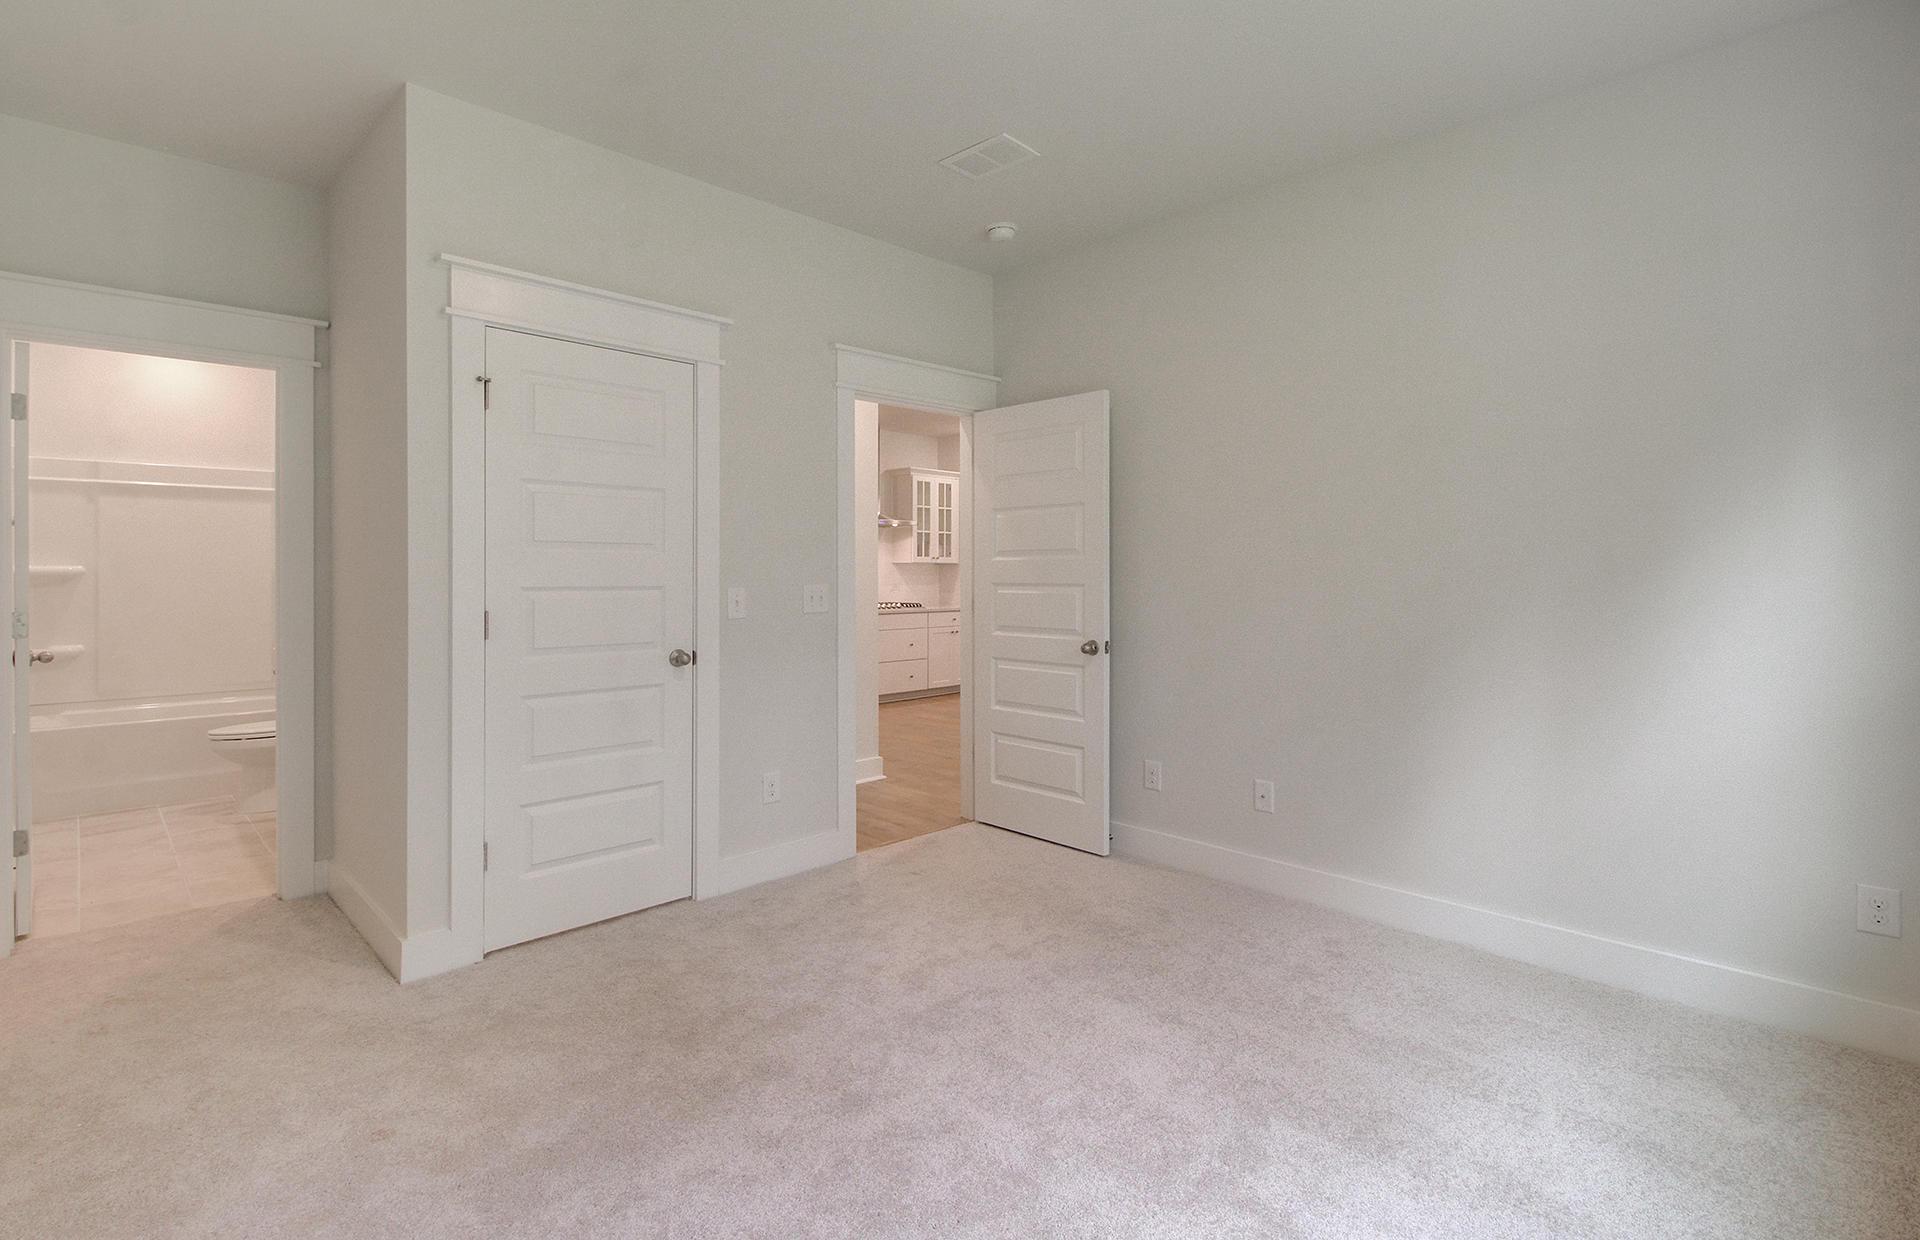 Park West Homes For Sale - 3013 Caspian, Mount Pleasant, SC - 36